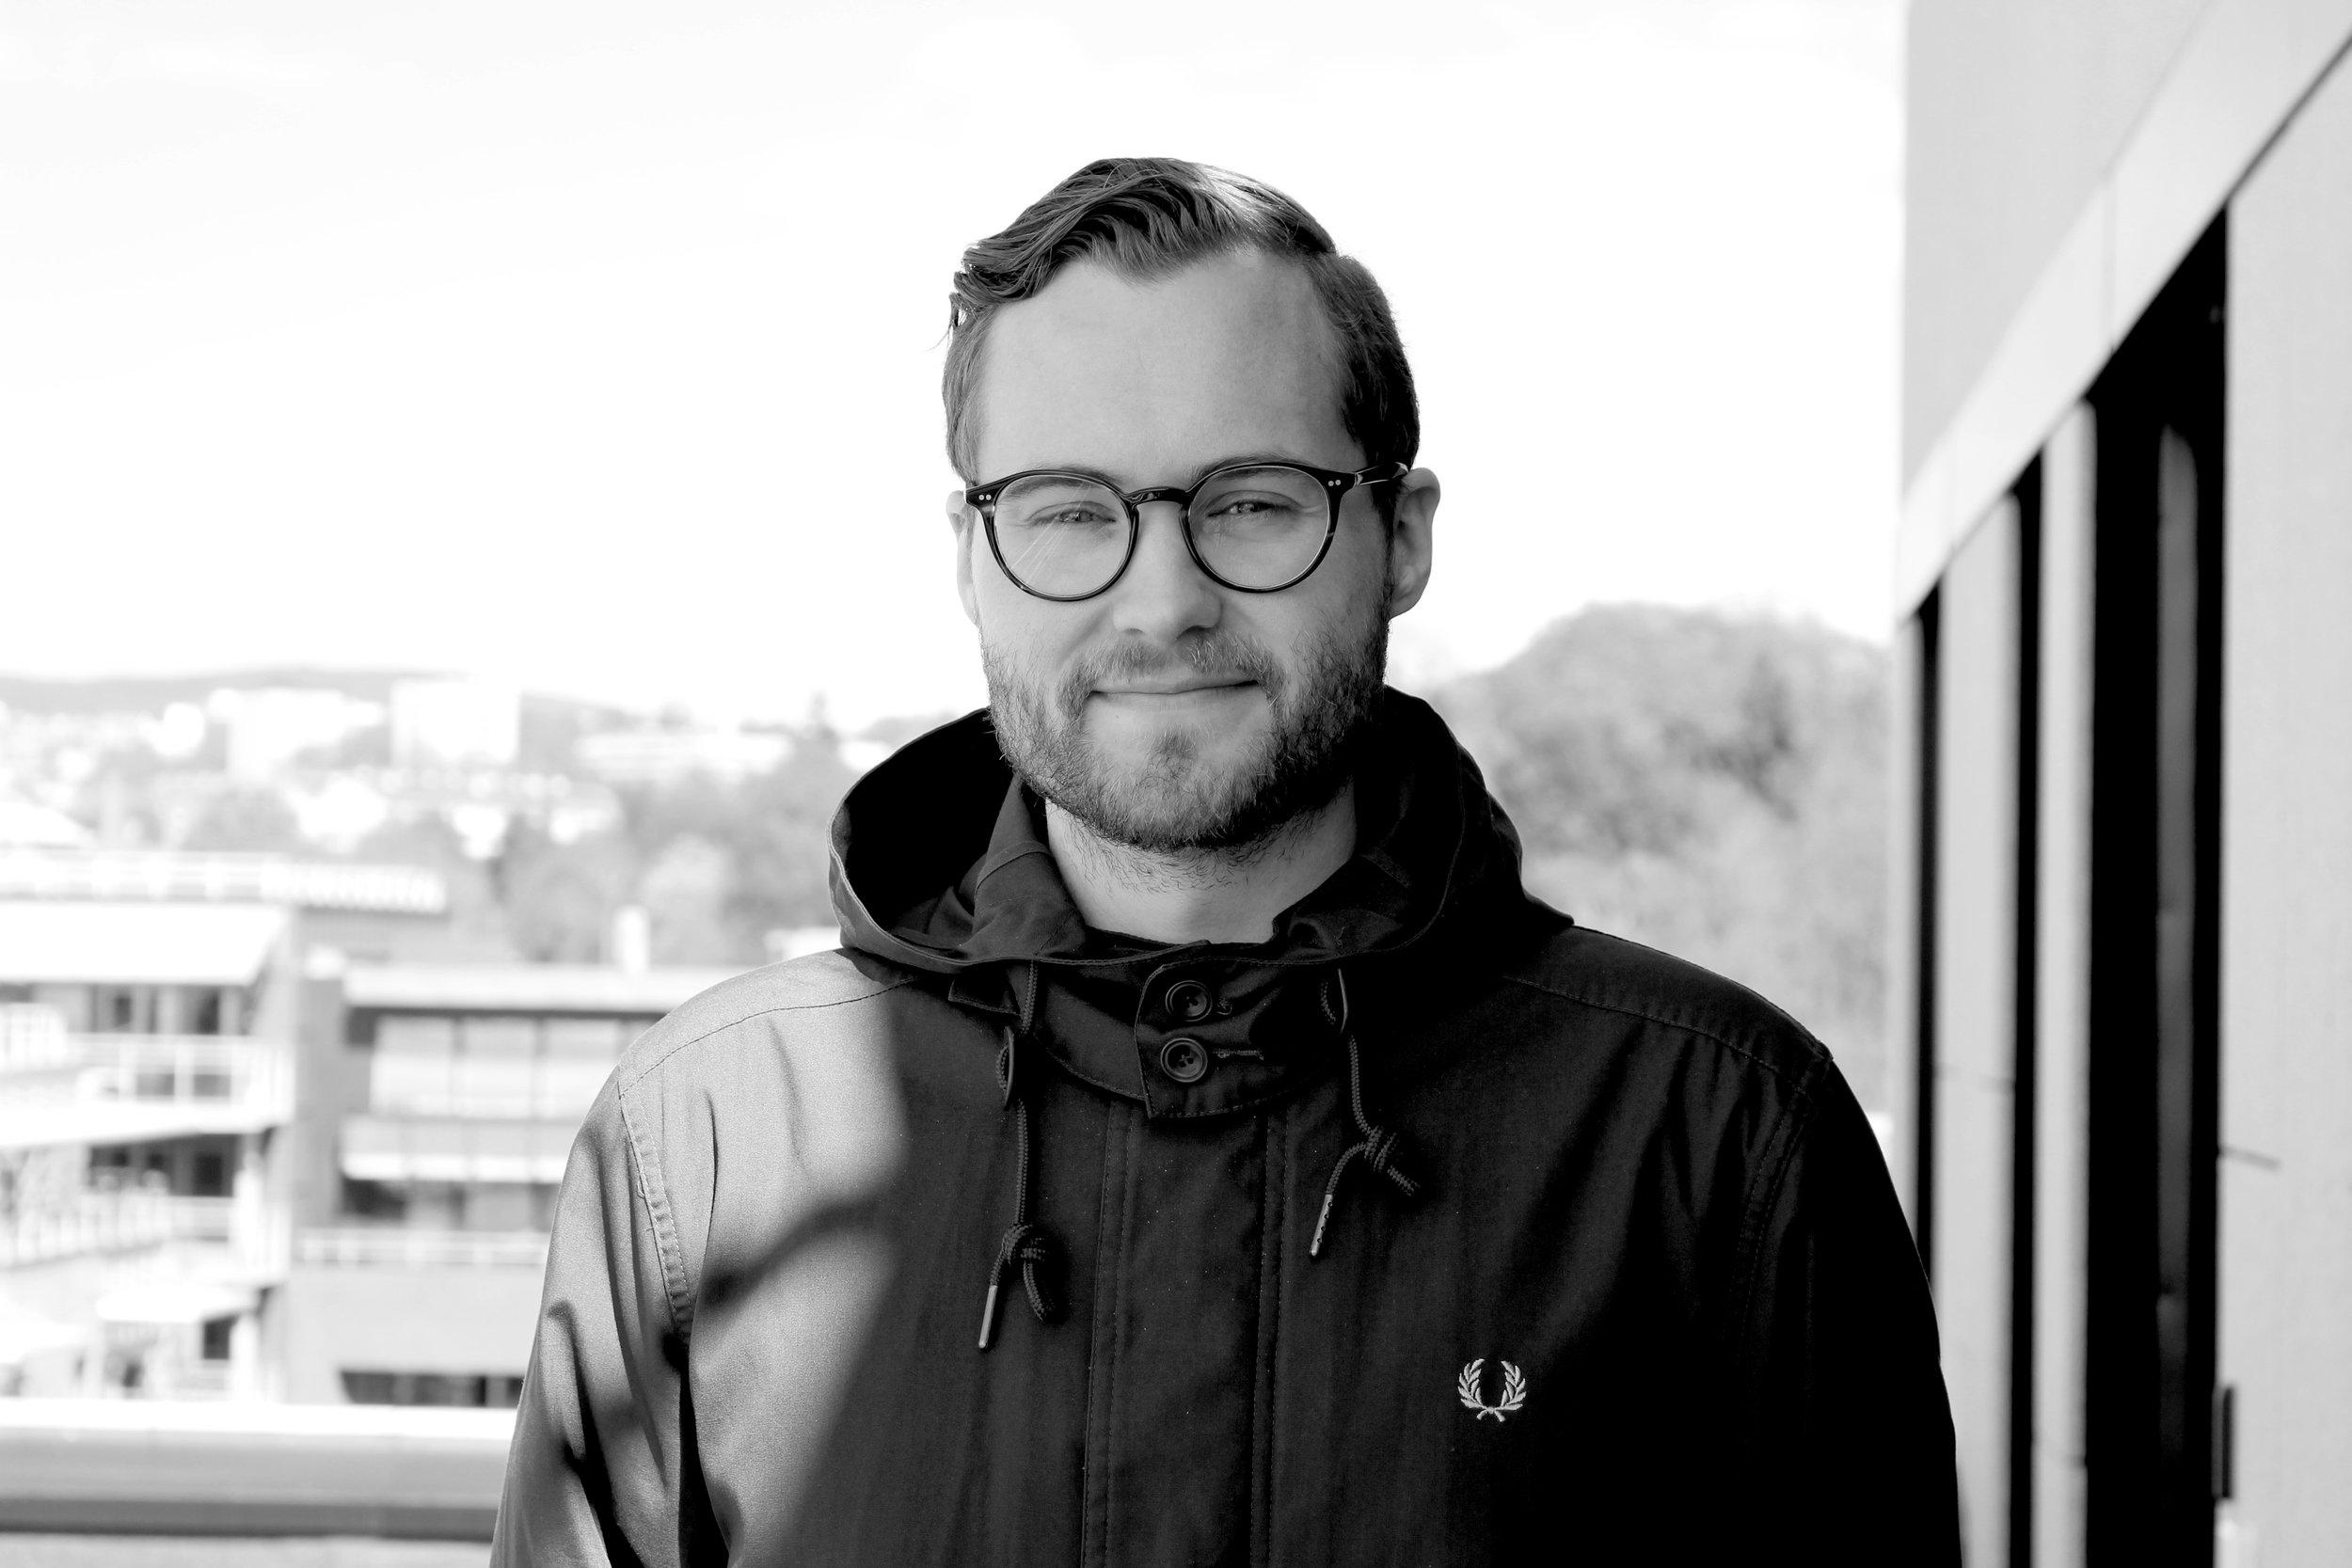 henrik_bw.jpg